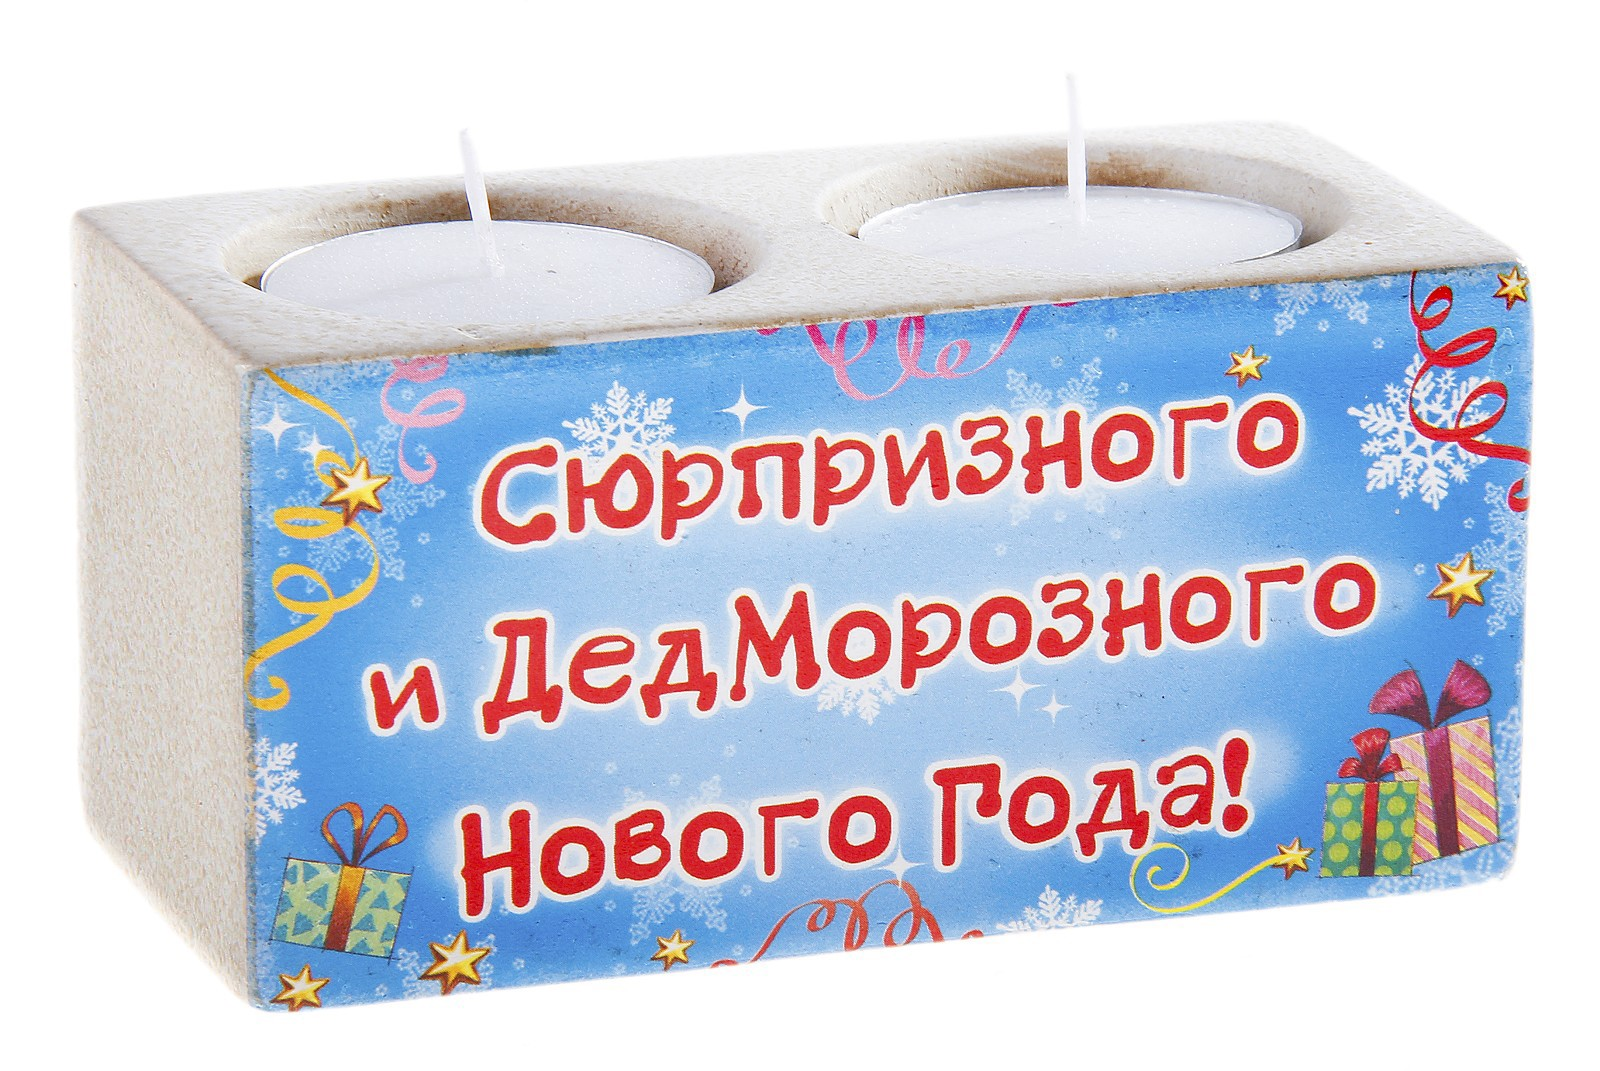 Подсвечник керамический на две свечи Сюрпризного нового года, с двумя свечами. 686646103626949304Прямоугольный подсвечник Сюрпризного нового года, выполненный из керамики, украшен надписями Сюрпризного и ДедМорозного Нового года. Подсвечник рассчитан на две свечи. С таким стильным аксессуаром ваш праздник станет незабываемым. В комплекте - 2 чайные свечки. Характеристики: Материал: керамика. Цвет: голубой, бежевый. Размер подсвечника: 11 см х 5,5 см х 5,5 см. Диаметр свечи: 4 см. Артикул: 686646.